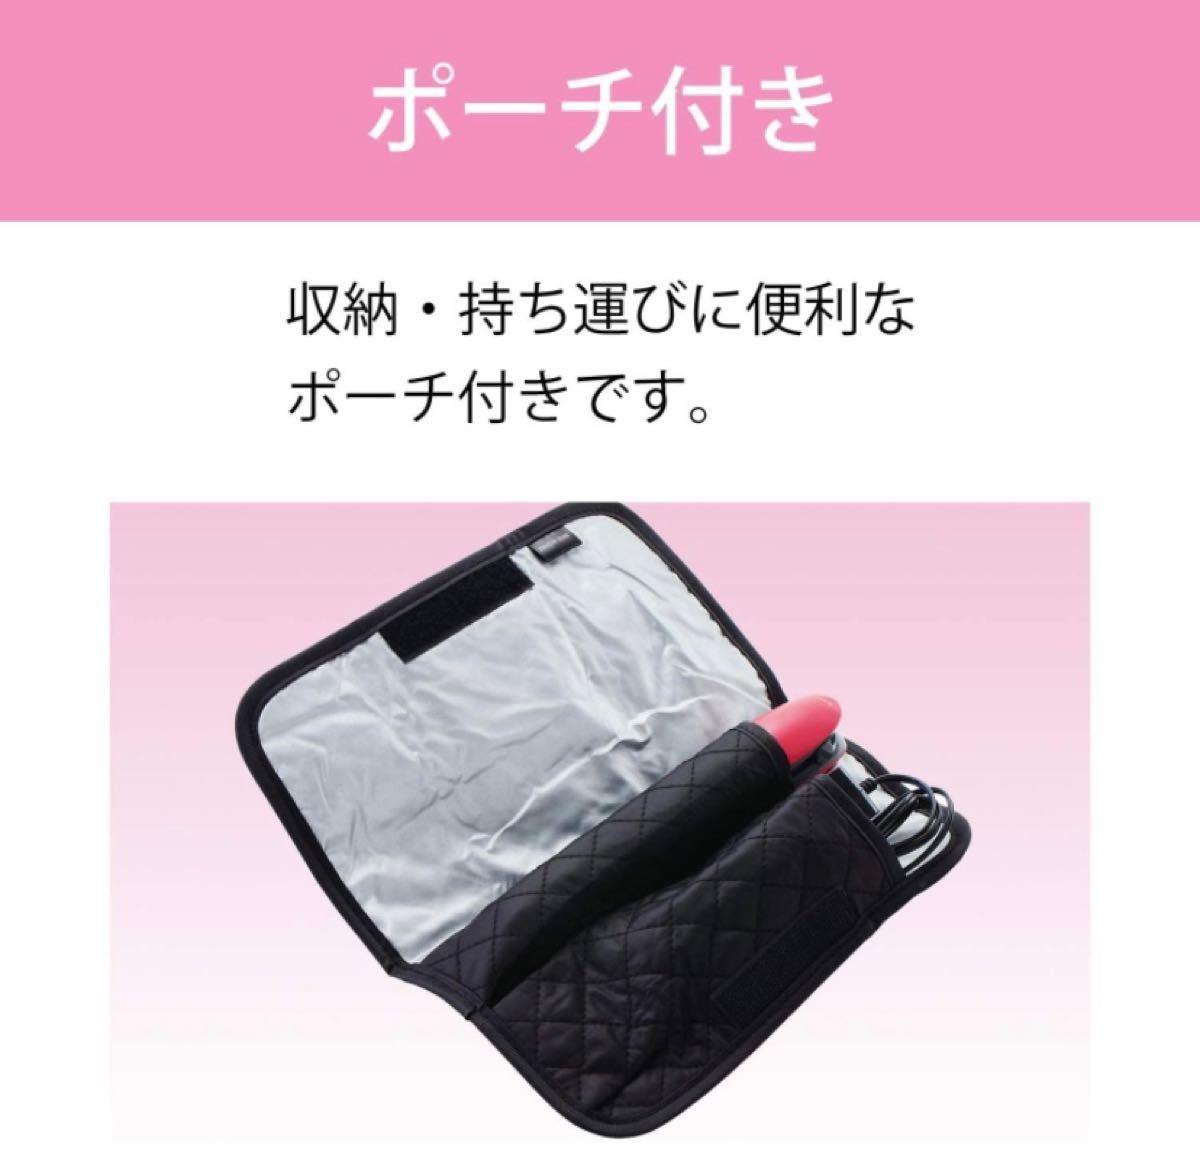 値引き済み!コイズミ ヘアアイロン ストレート コードレス 海外対応 micro USB対応 ピンク KHS-8620/P